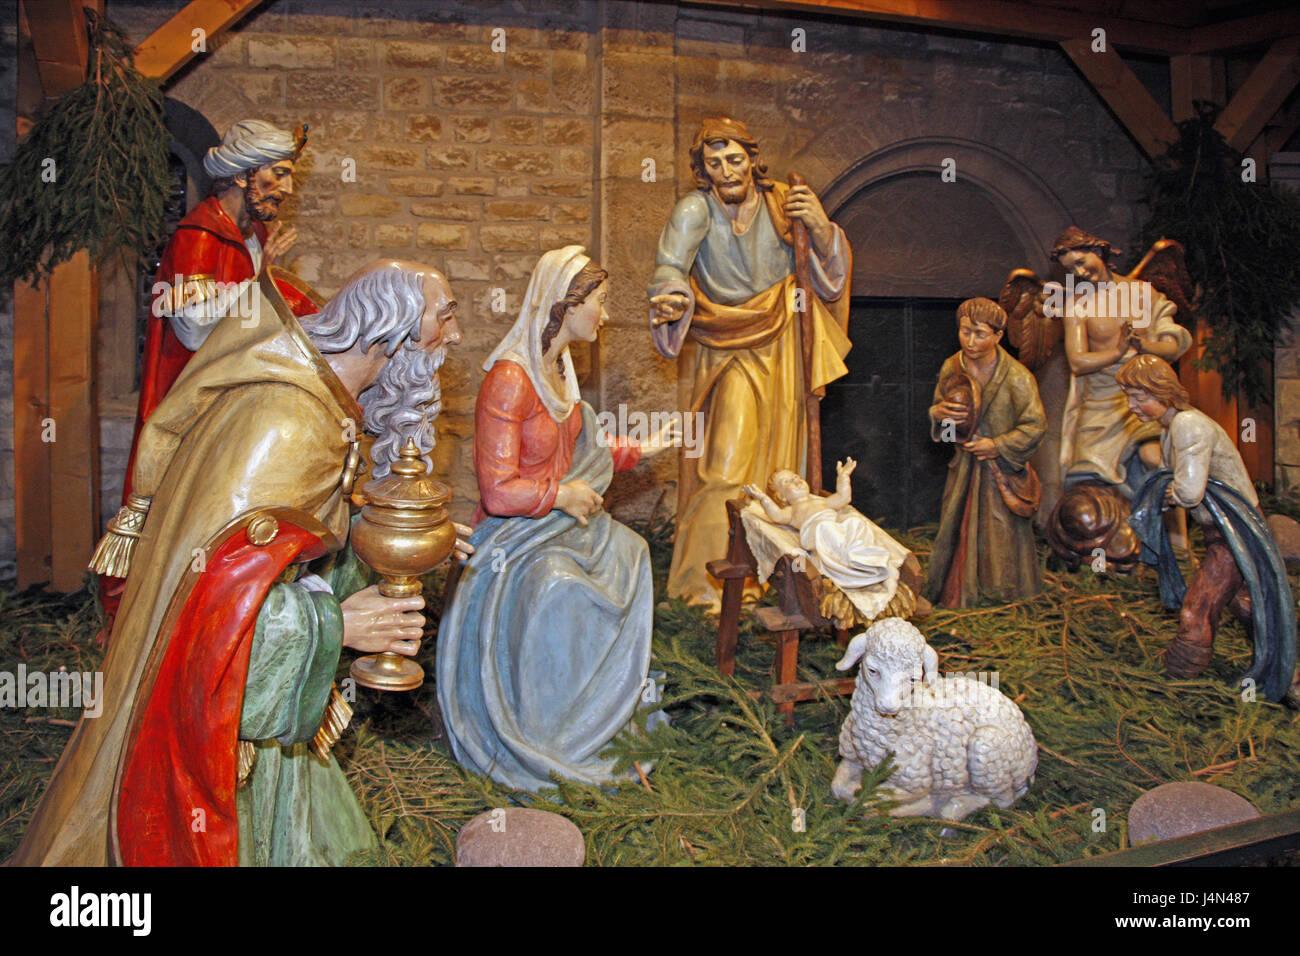 Bilder Krippe Weihnachten.Krippe Krippenfiguren Deutschland Rheinland Pfalz Mainz